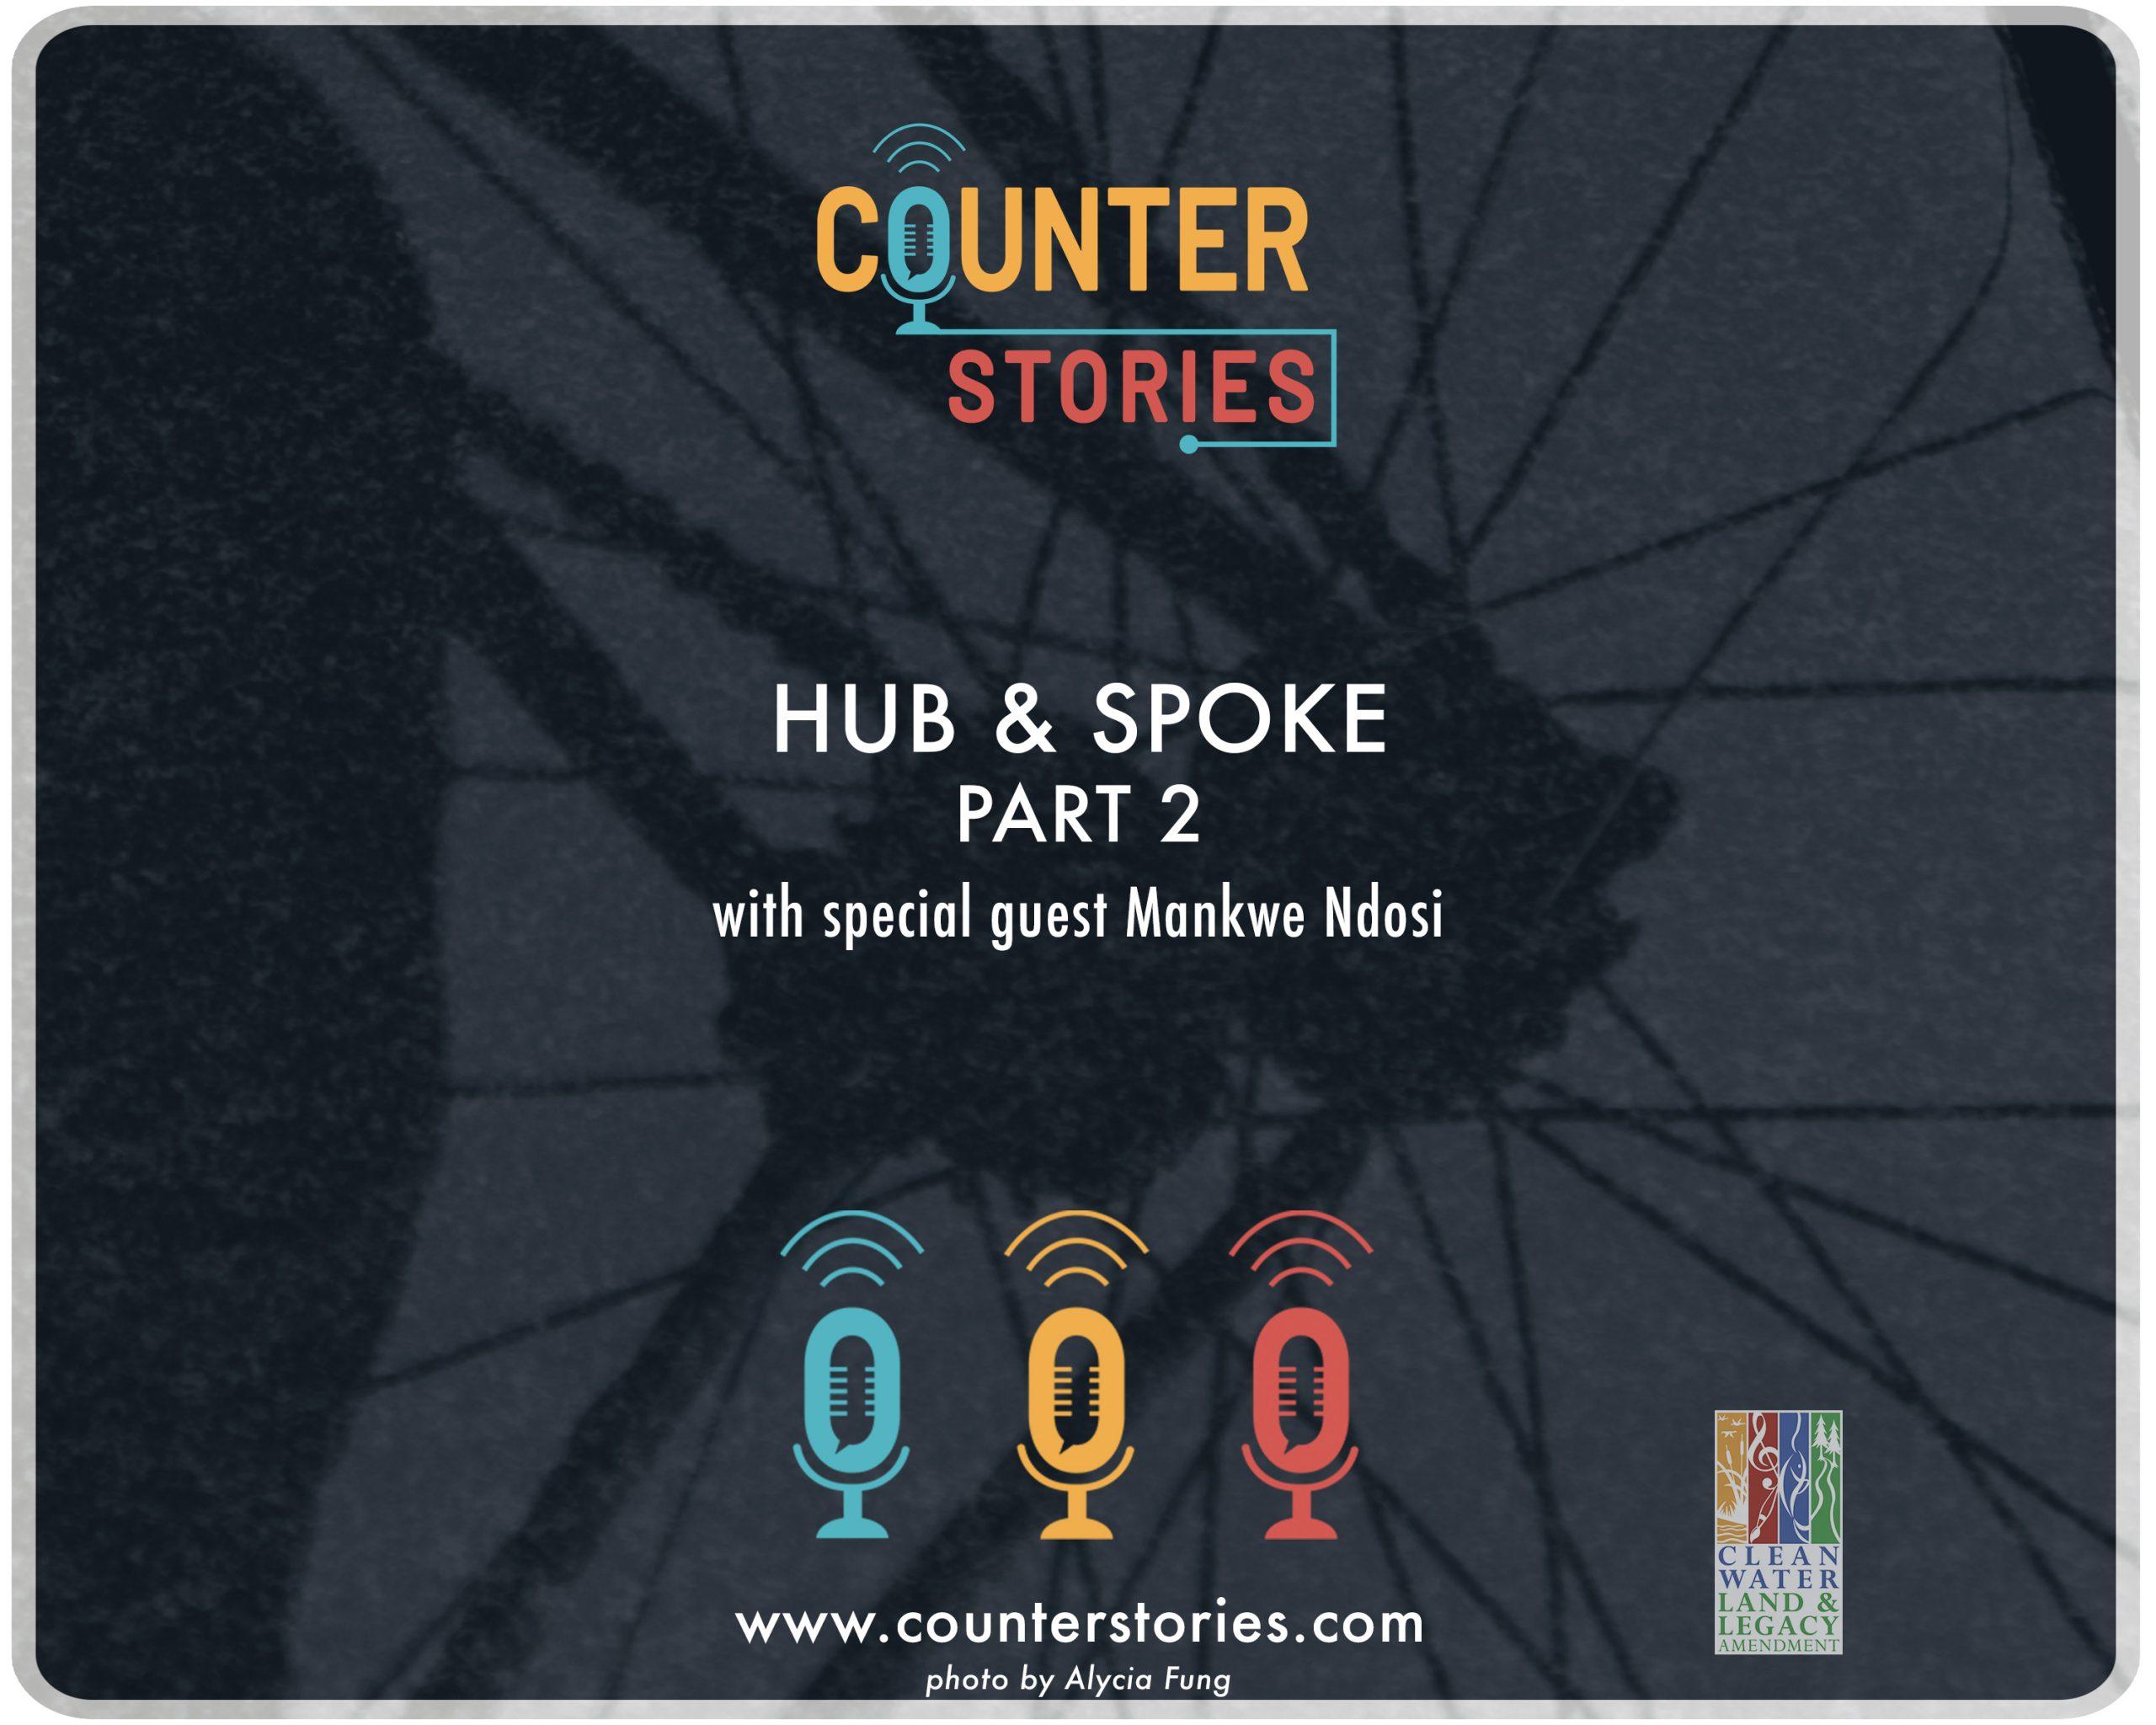 Hub & Spoke part 2